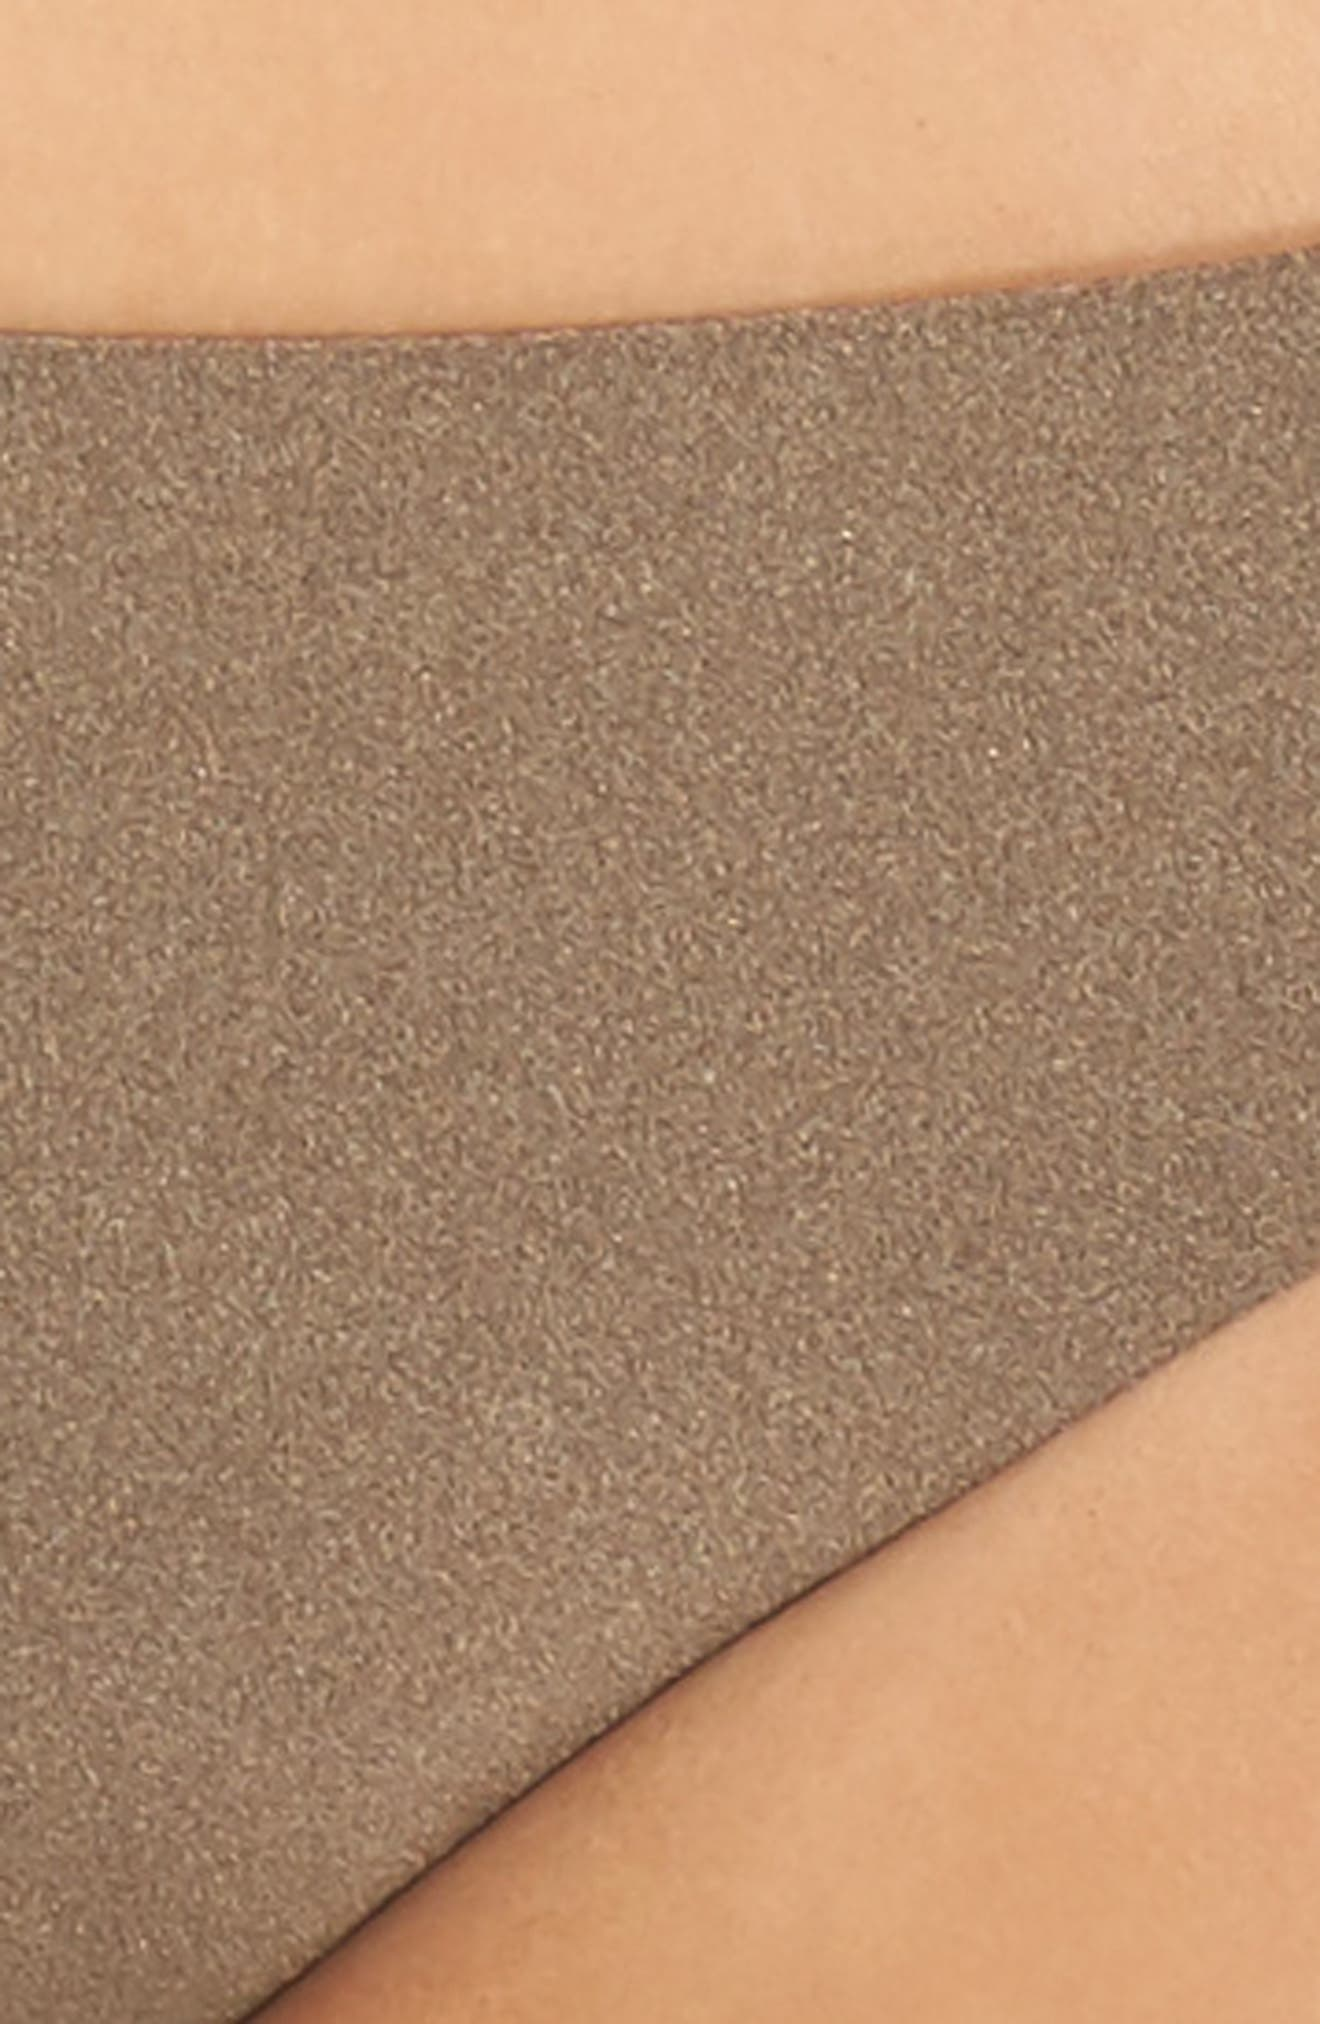 Reversible Shimmer Hipster Bikini Bottoms,                             Alternate thumbnail 4, color,                             258